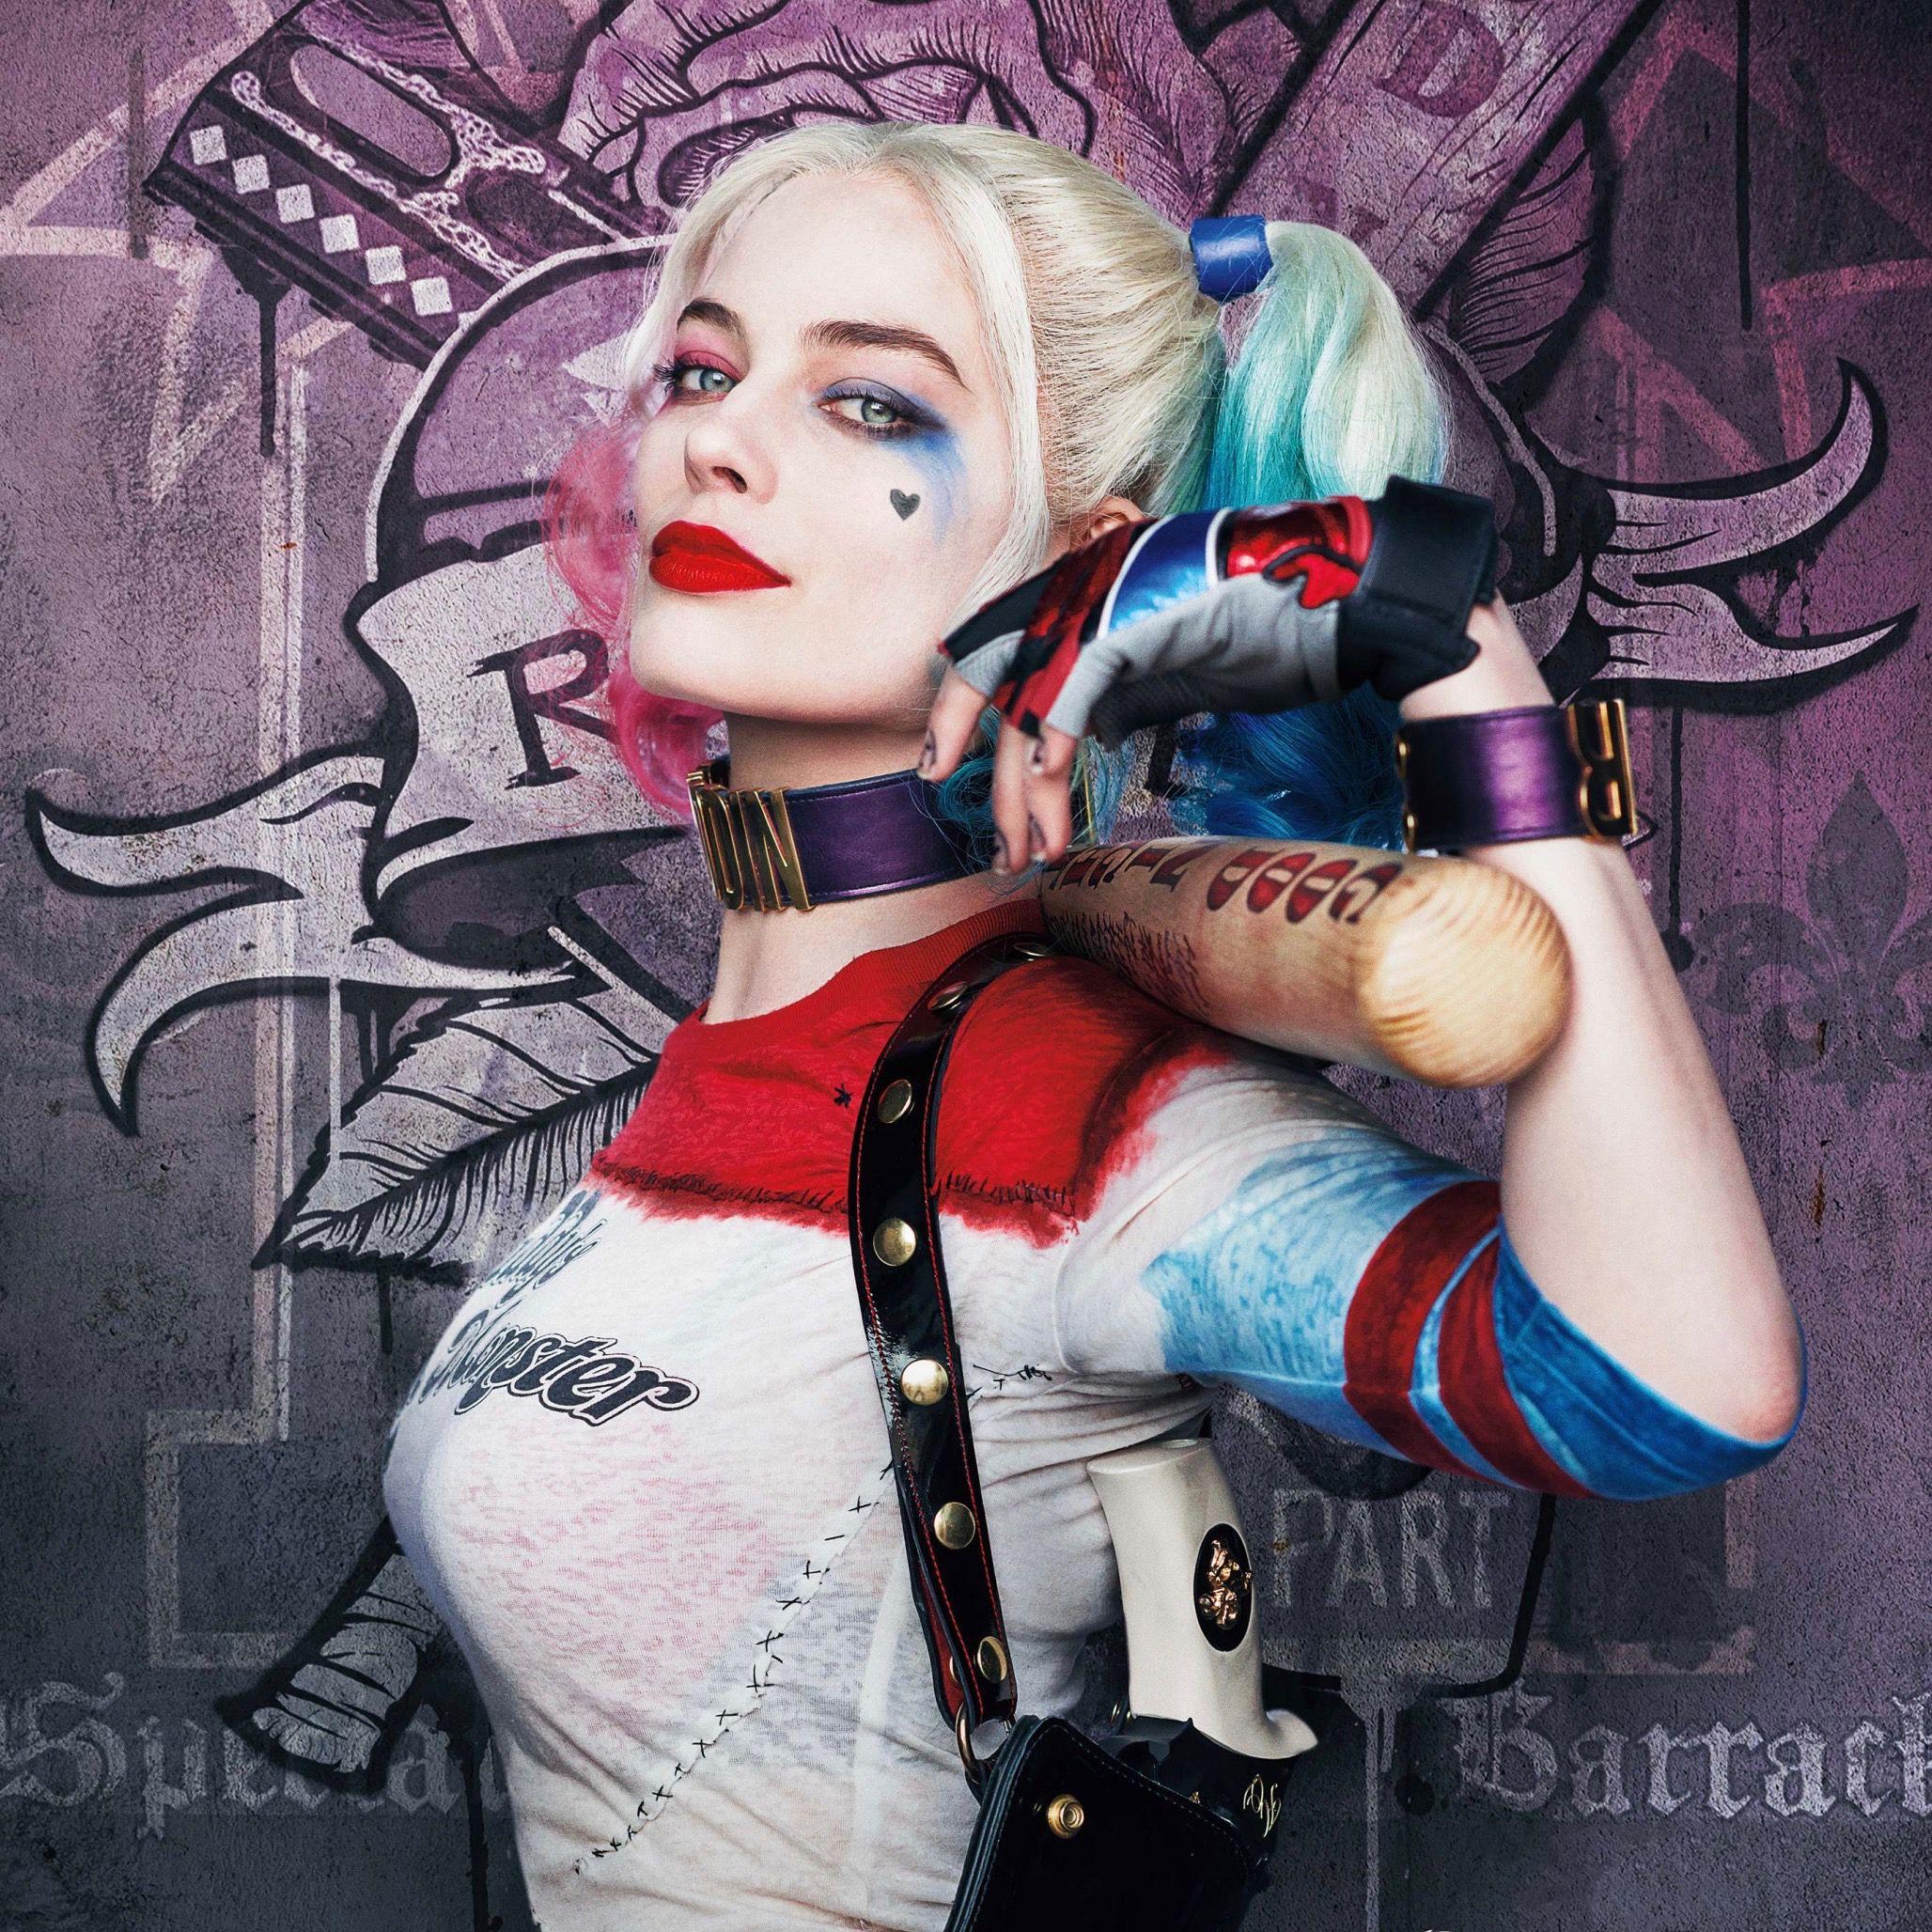 """La aliada y novia del Guasón, Harley Quinn aparece en la película """"El escuadrón suicida"""", una de las películas más vistas en la plataforma HBO Max."""